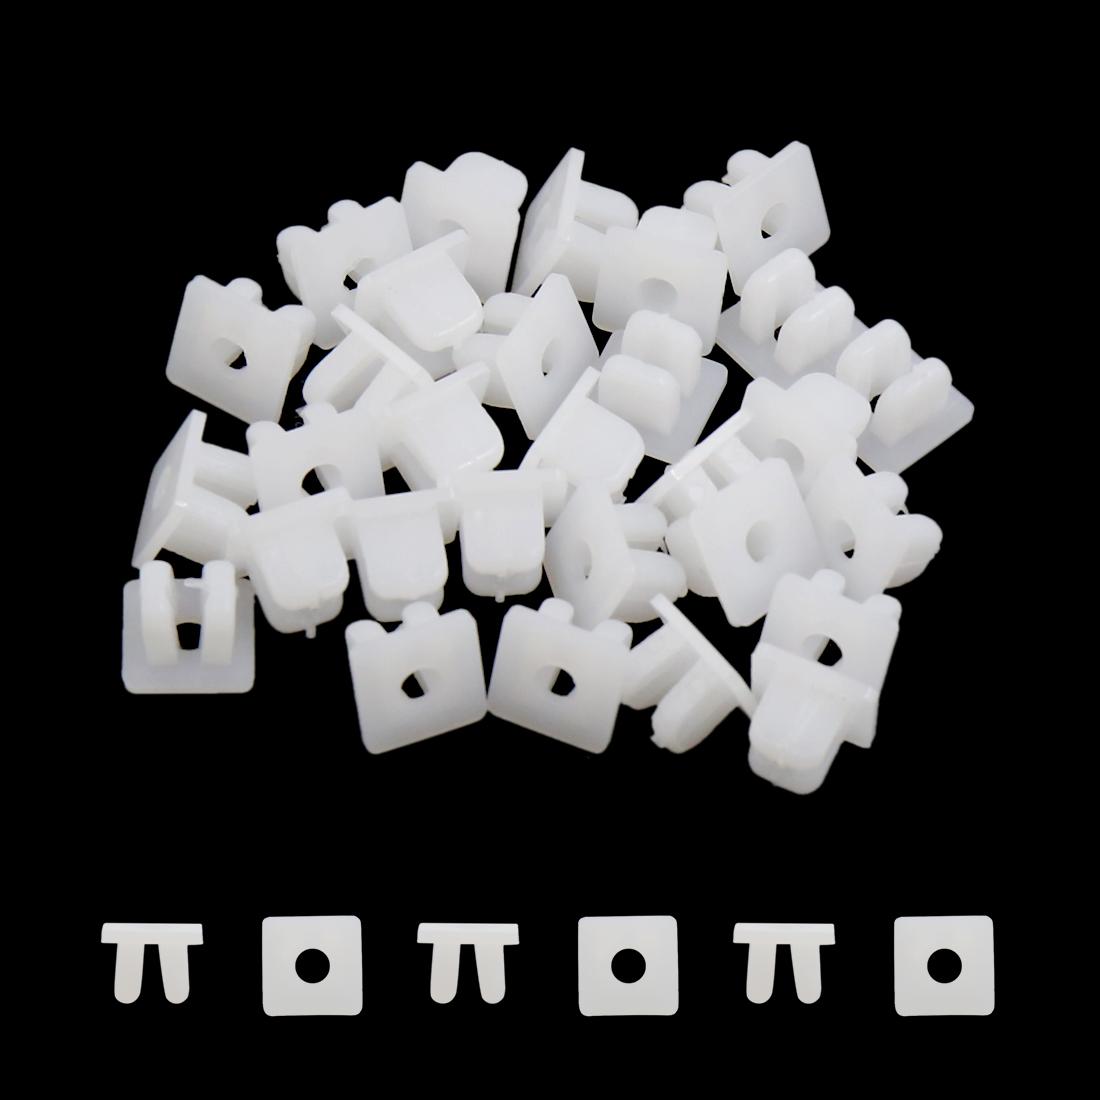 30pcs Carré Blanc rivets plastique Moulage Clips fixation lécheur 8mm - image 1 de 2